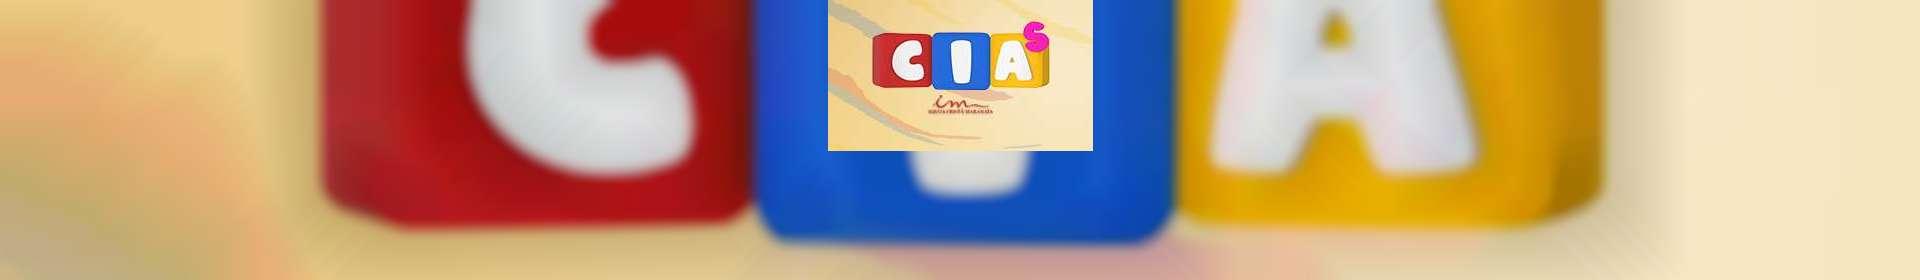 Aula de CIAS: classe de 0 a 3 anos e gestantes - 02 de julho de 2020